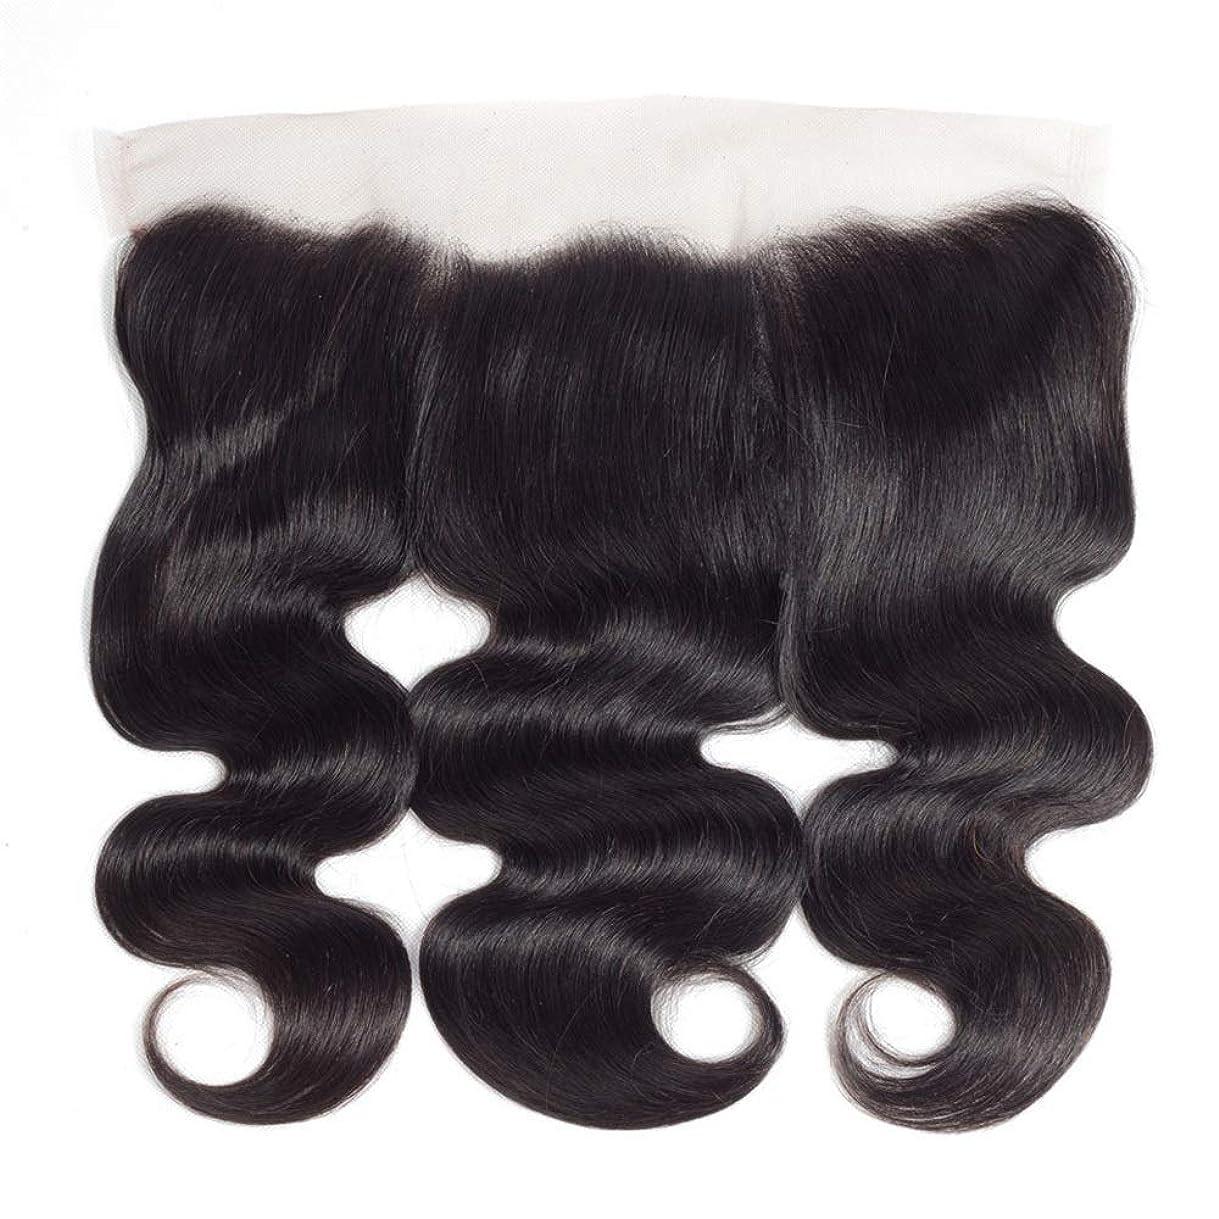 リファイン測るトラフHOHYLLYA ブラジルの実体波人間の髪の毛の自由な部分13×4インチレース前頭閉鎖8インチ-20インチロングカーリーウィッグビッグウェーブウィッグ (色 : 黒, サイズ : 20 inch)